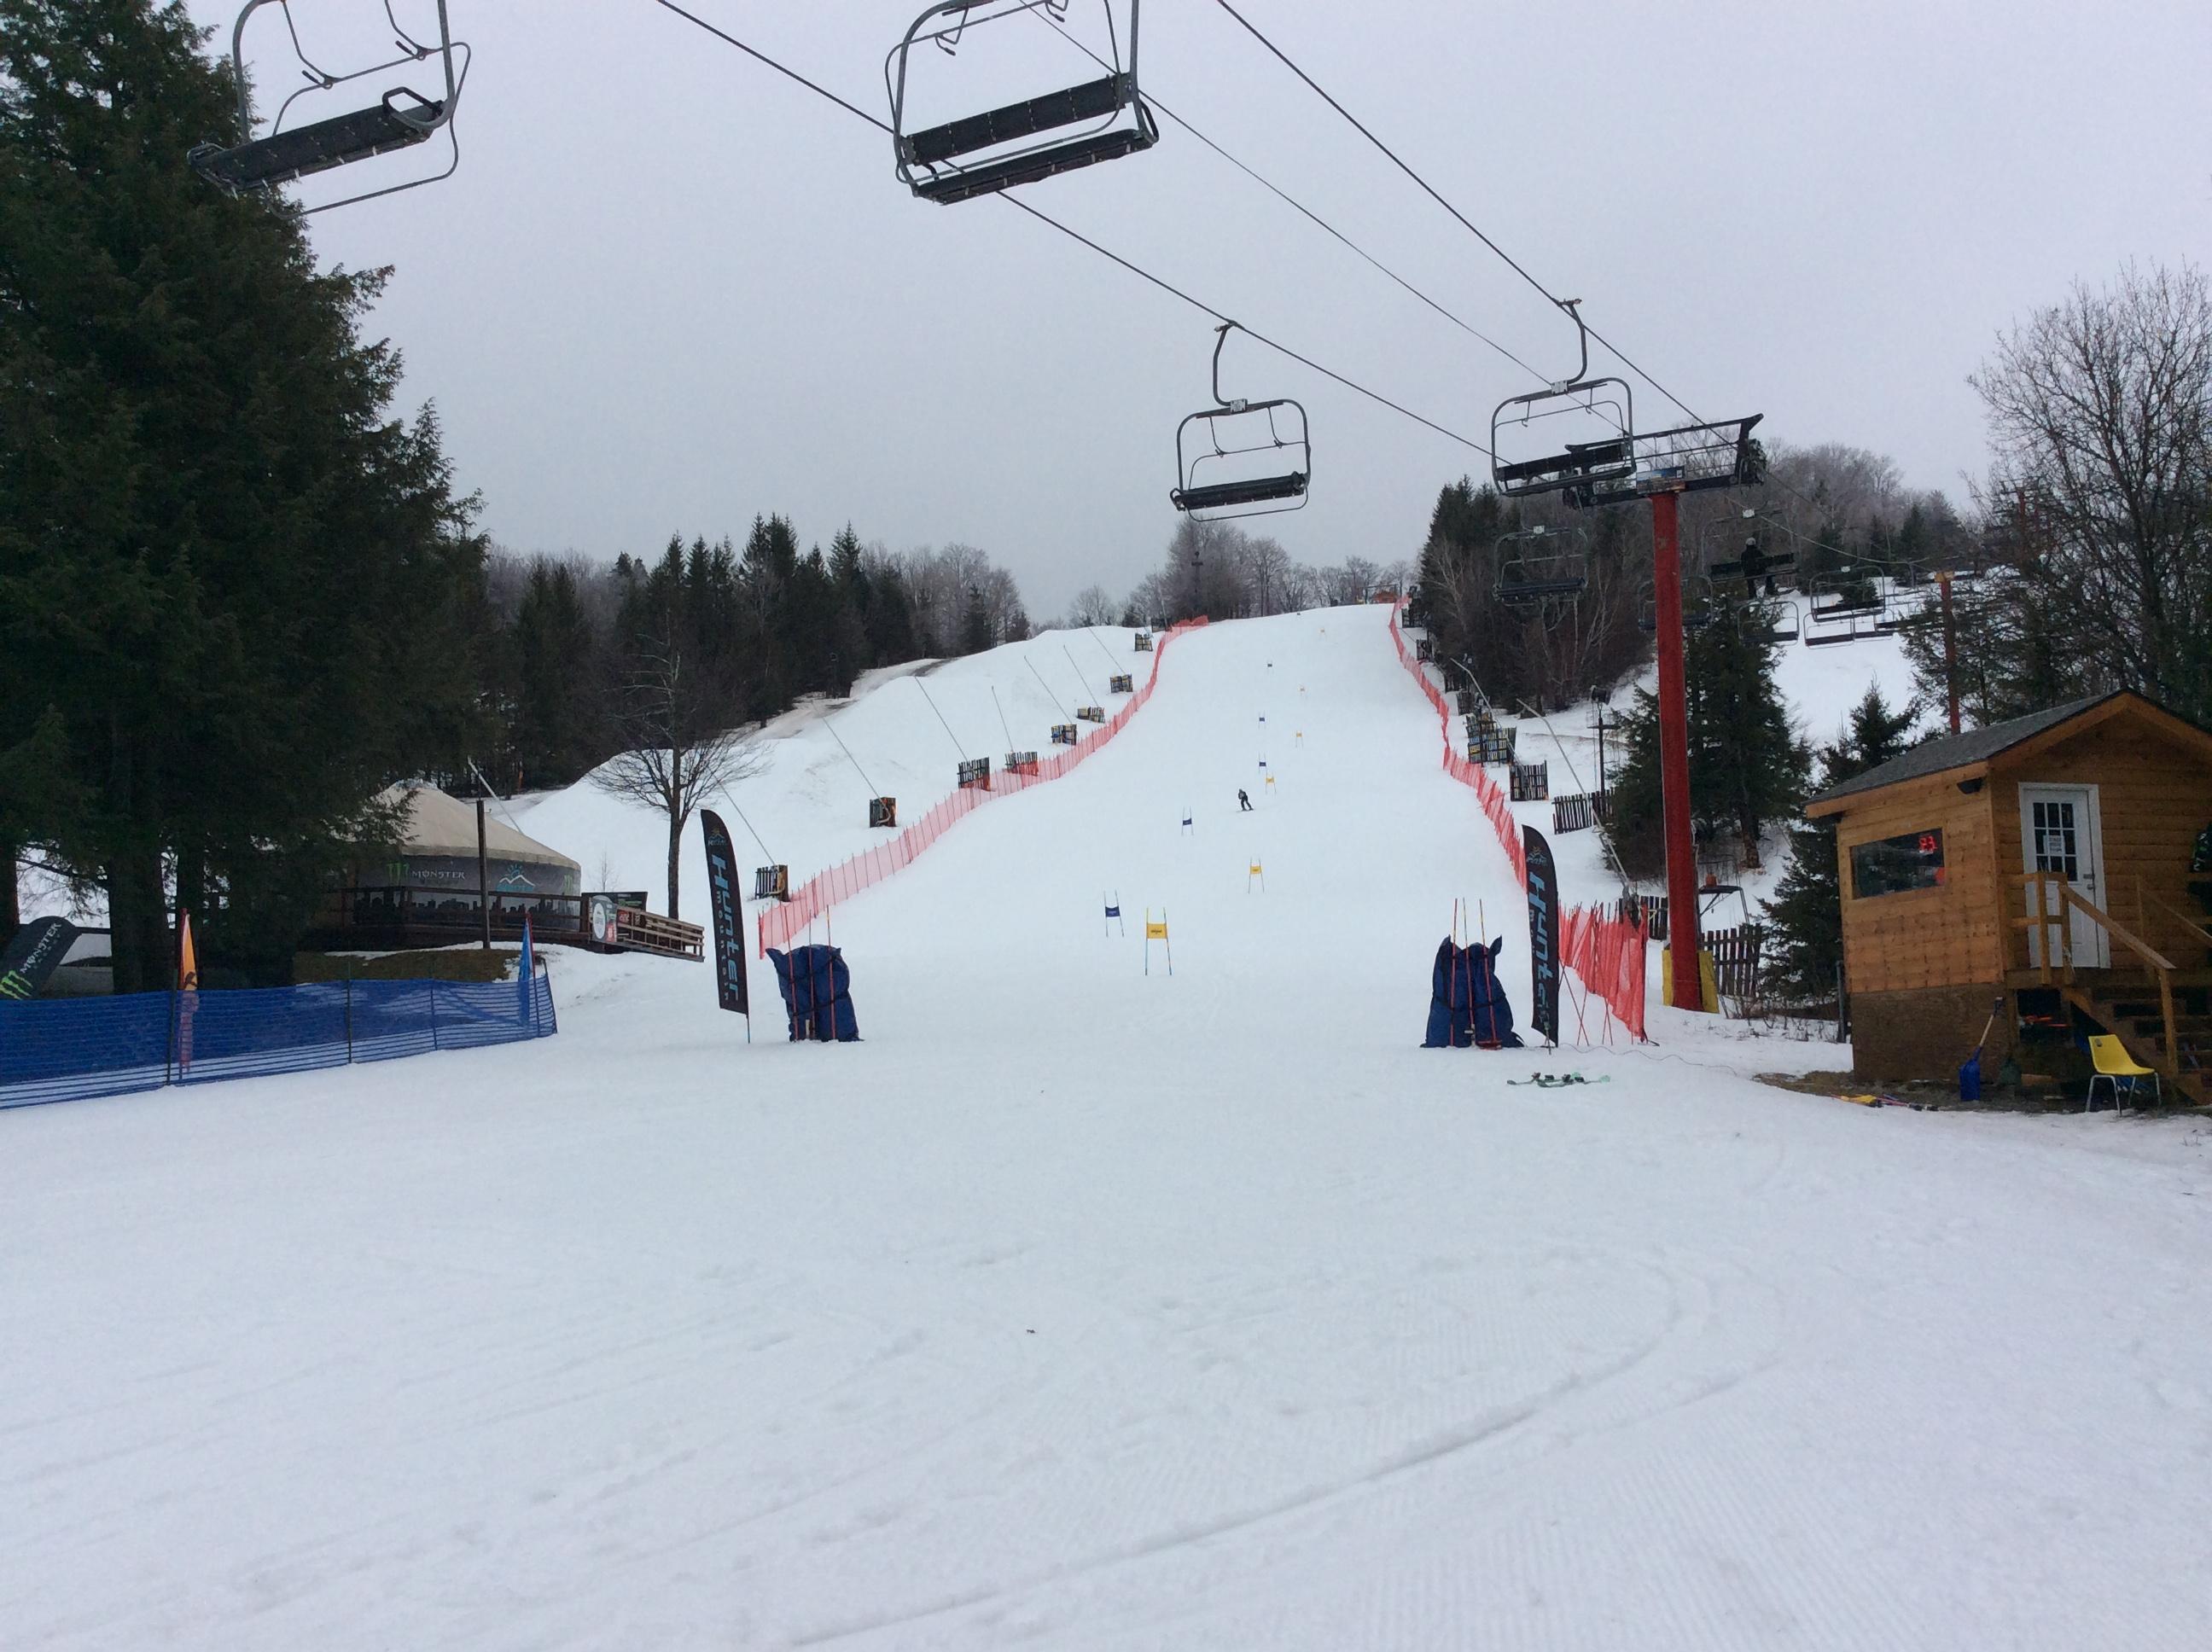 nypd-ski-club_32396114585_o